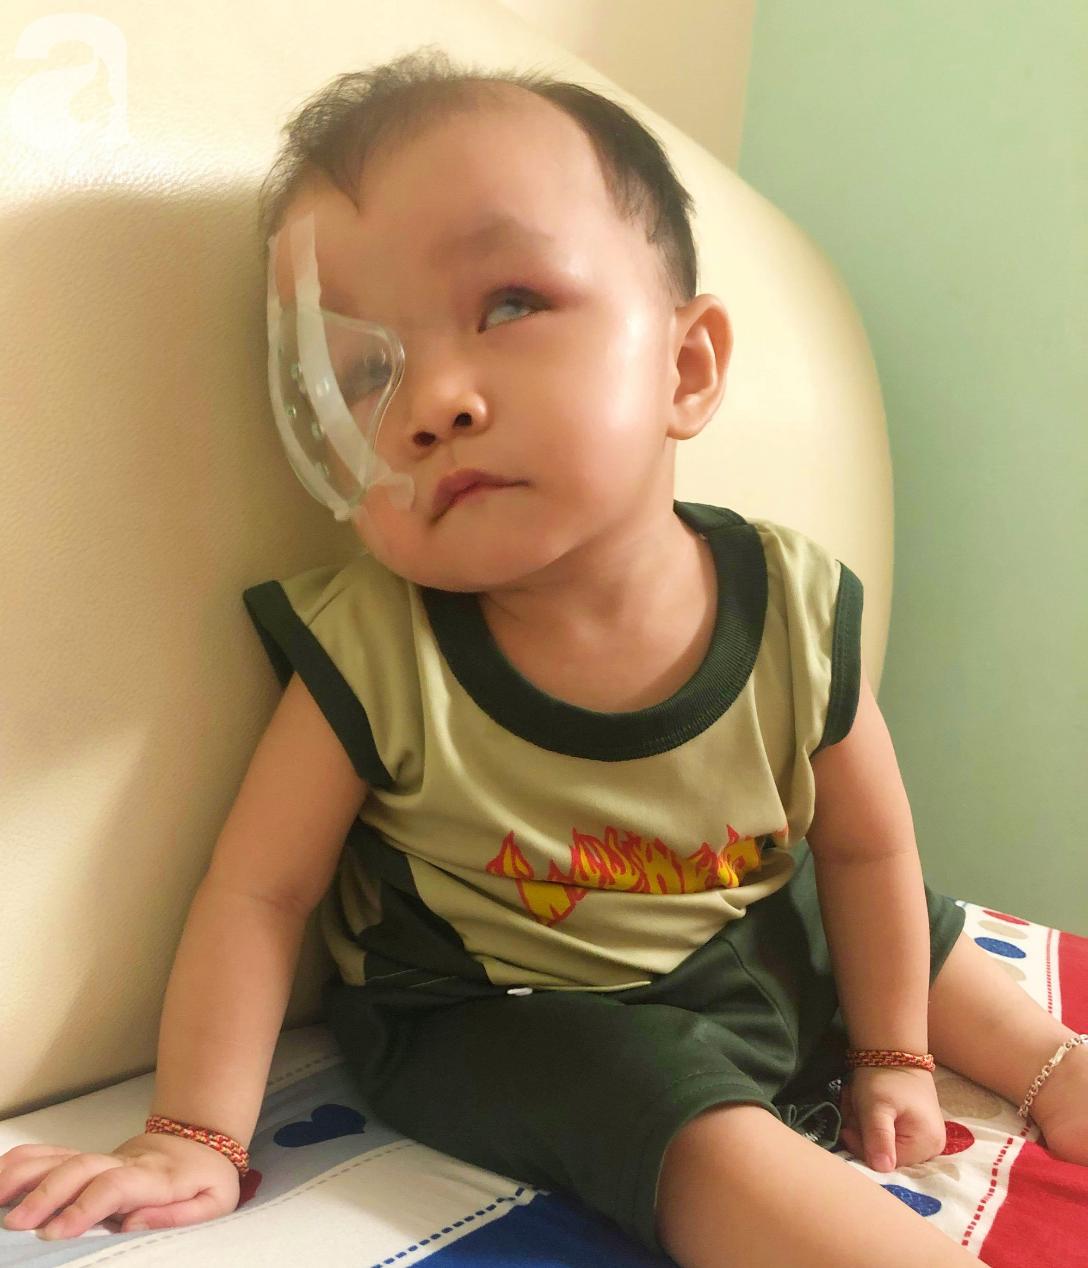 Bé trai 15 tháng tuổi có nguy cơ mù vĩnh viễn, người mẹ trẻ khóc cạn nước mắt đi tìm ánh sáng cho con - Ảnh 6.